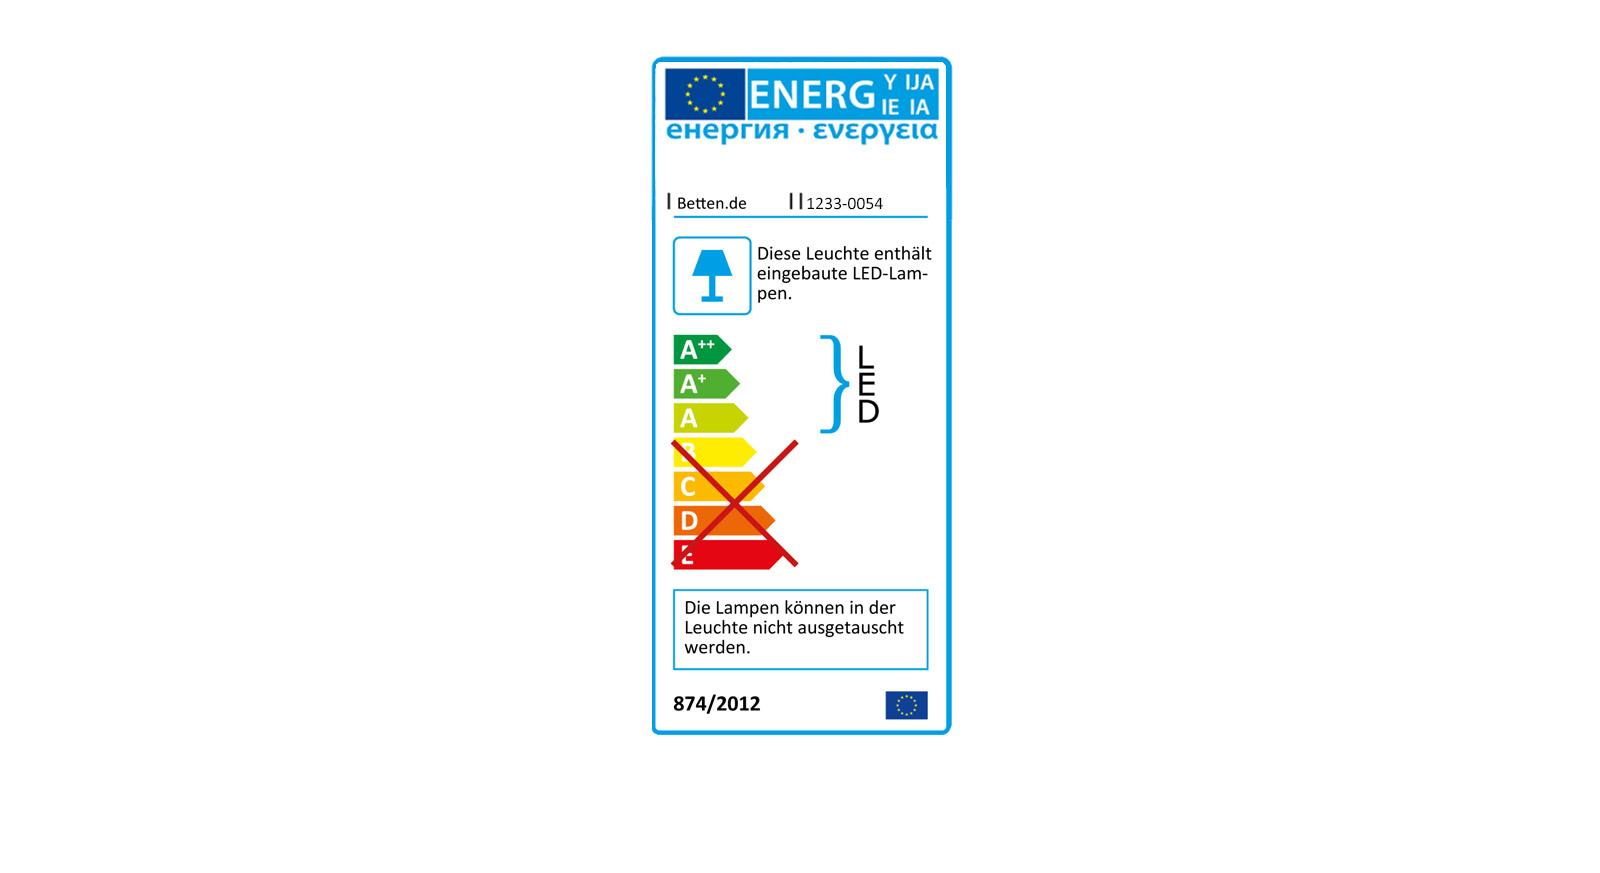 Energieverbrauchskennzeichnung für den Spiegeltüren-Kleiderschrank Farim